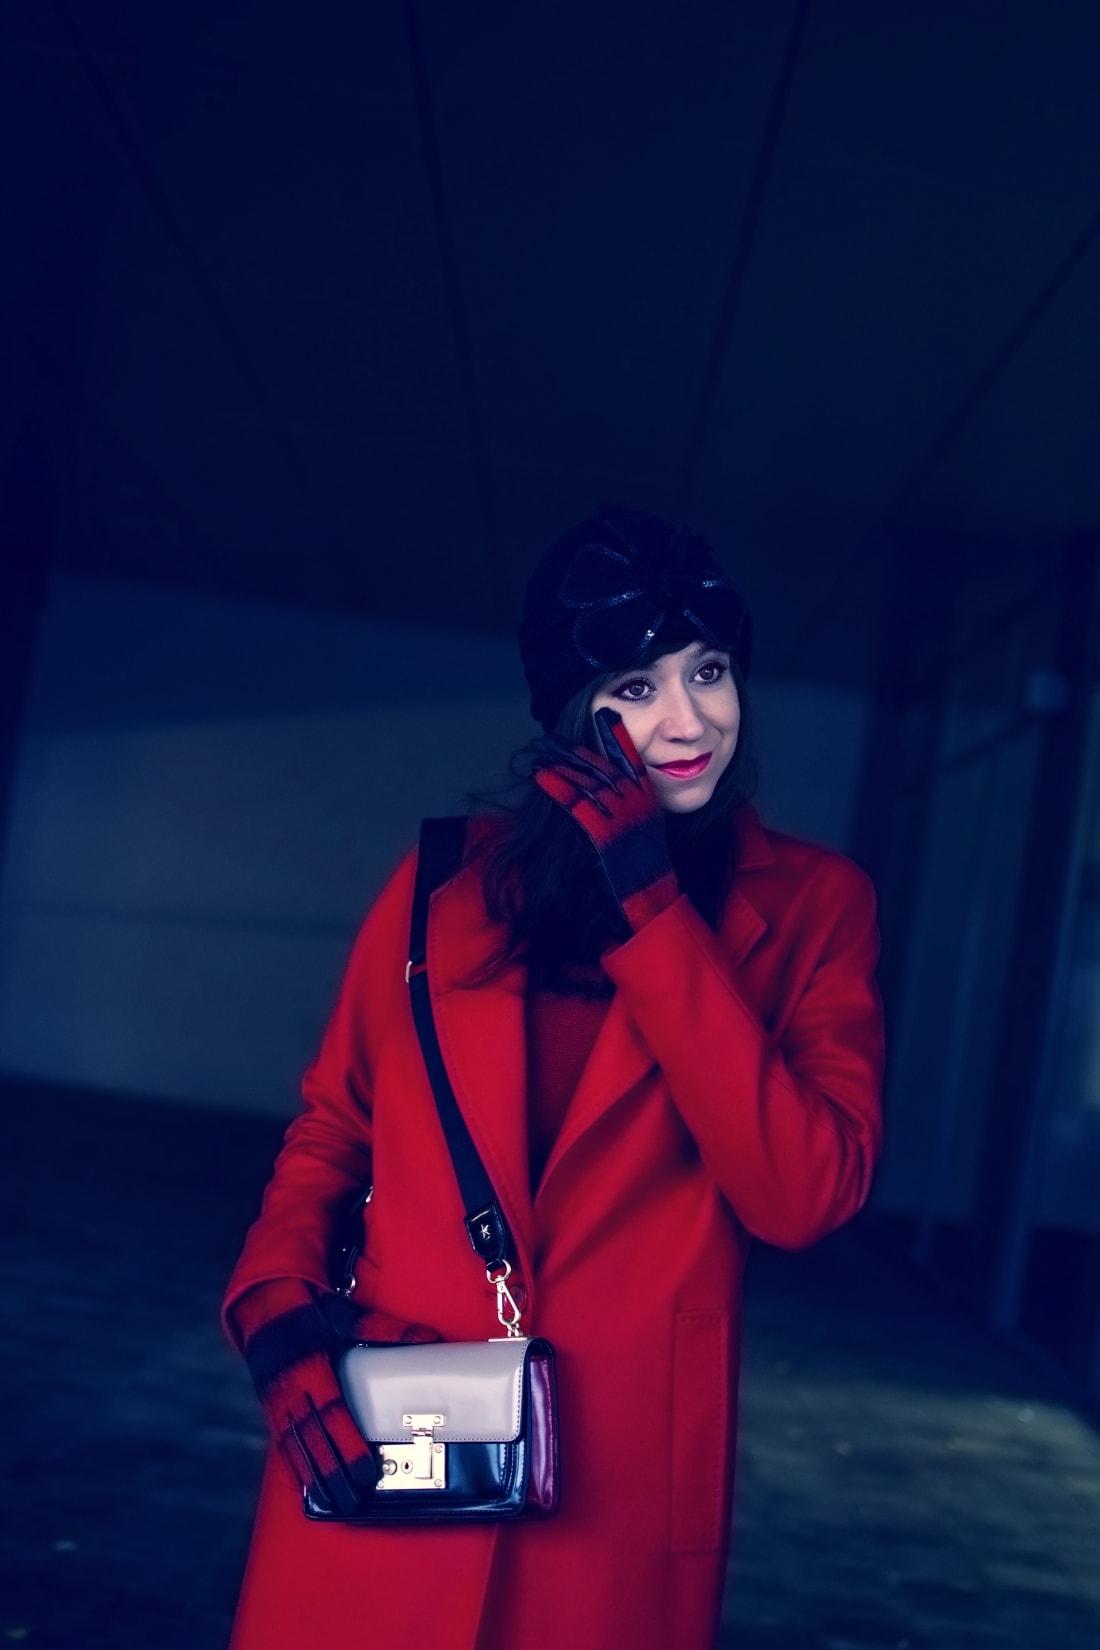 Prajem vám_Katharine-fashion is beautiful_Červený kabát Zara_Červený vzorovaný sveter More&More_Vianoce_Katarína Jakubčová_Fashion blogger